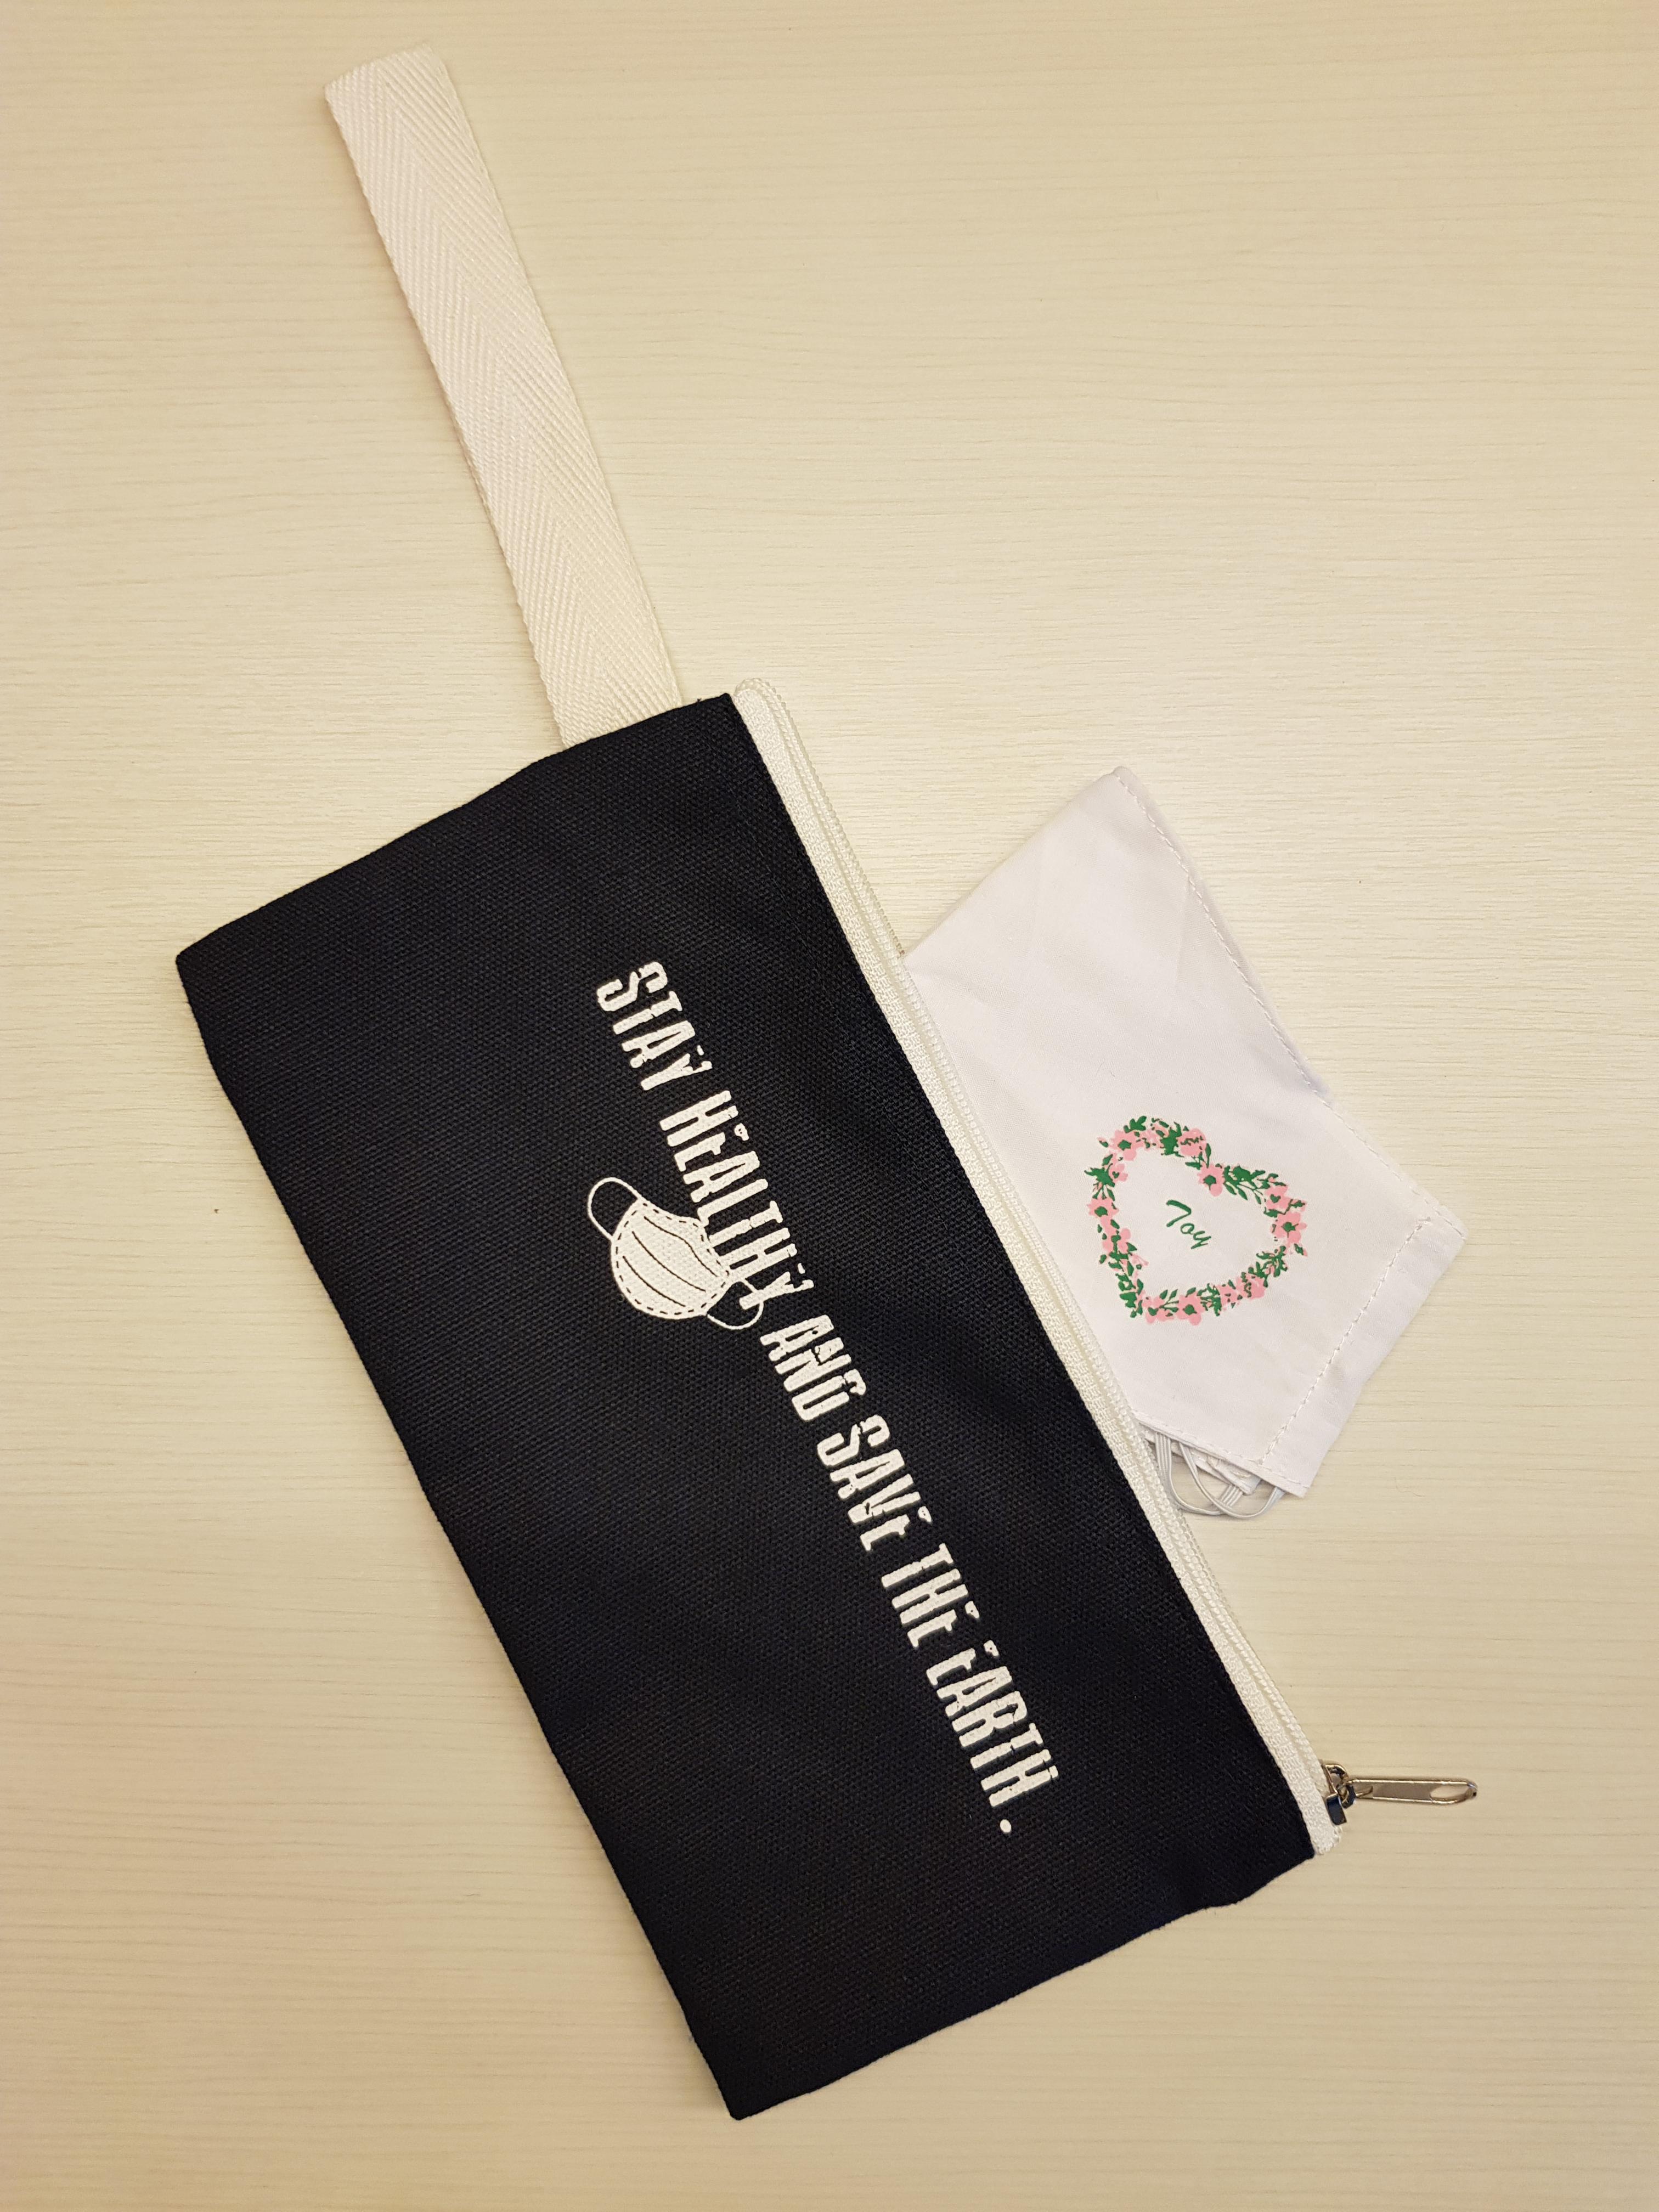 ถุงผ้าดิบ, ถุงซิป, กระเป๋าซิป, กระเป๋าผ้าดิบ, ถุงผ้า, ถุงผ้าร่ม, แคนวาส, ลดโลกร้อน, สกรีนลาย, ขอบคุณไม่ใช้ถุงพลาสติก, ถุงพับ, ถุงพับเก็บ, ใบใหญ่, ถุงใหญ่, ถุงจัมโบ้, ราชการ, เอกชน, หน่วยงาน, สำเร็จรูป, ขายส่ง, ลายน่ารัก, จาก baginlove.com